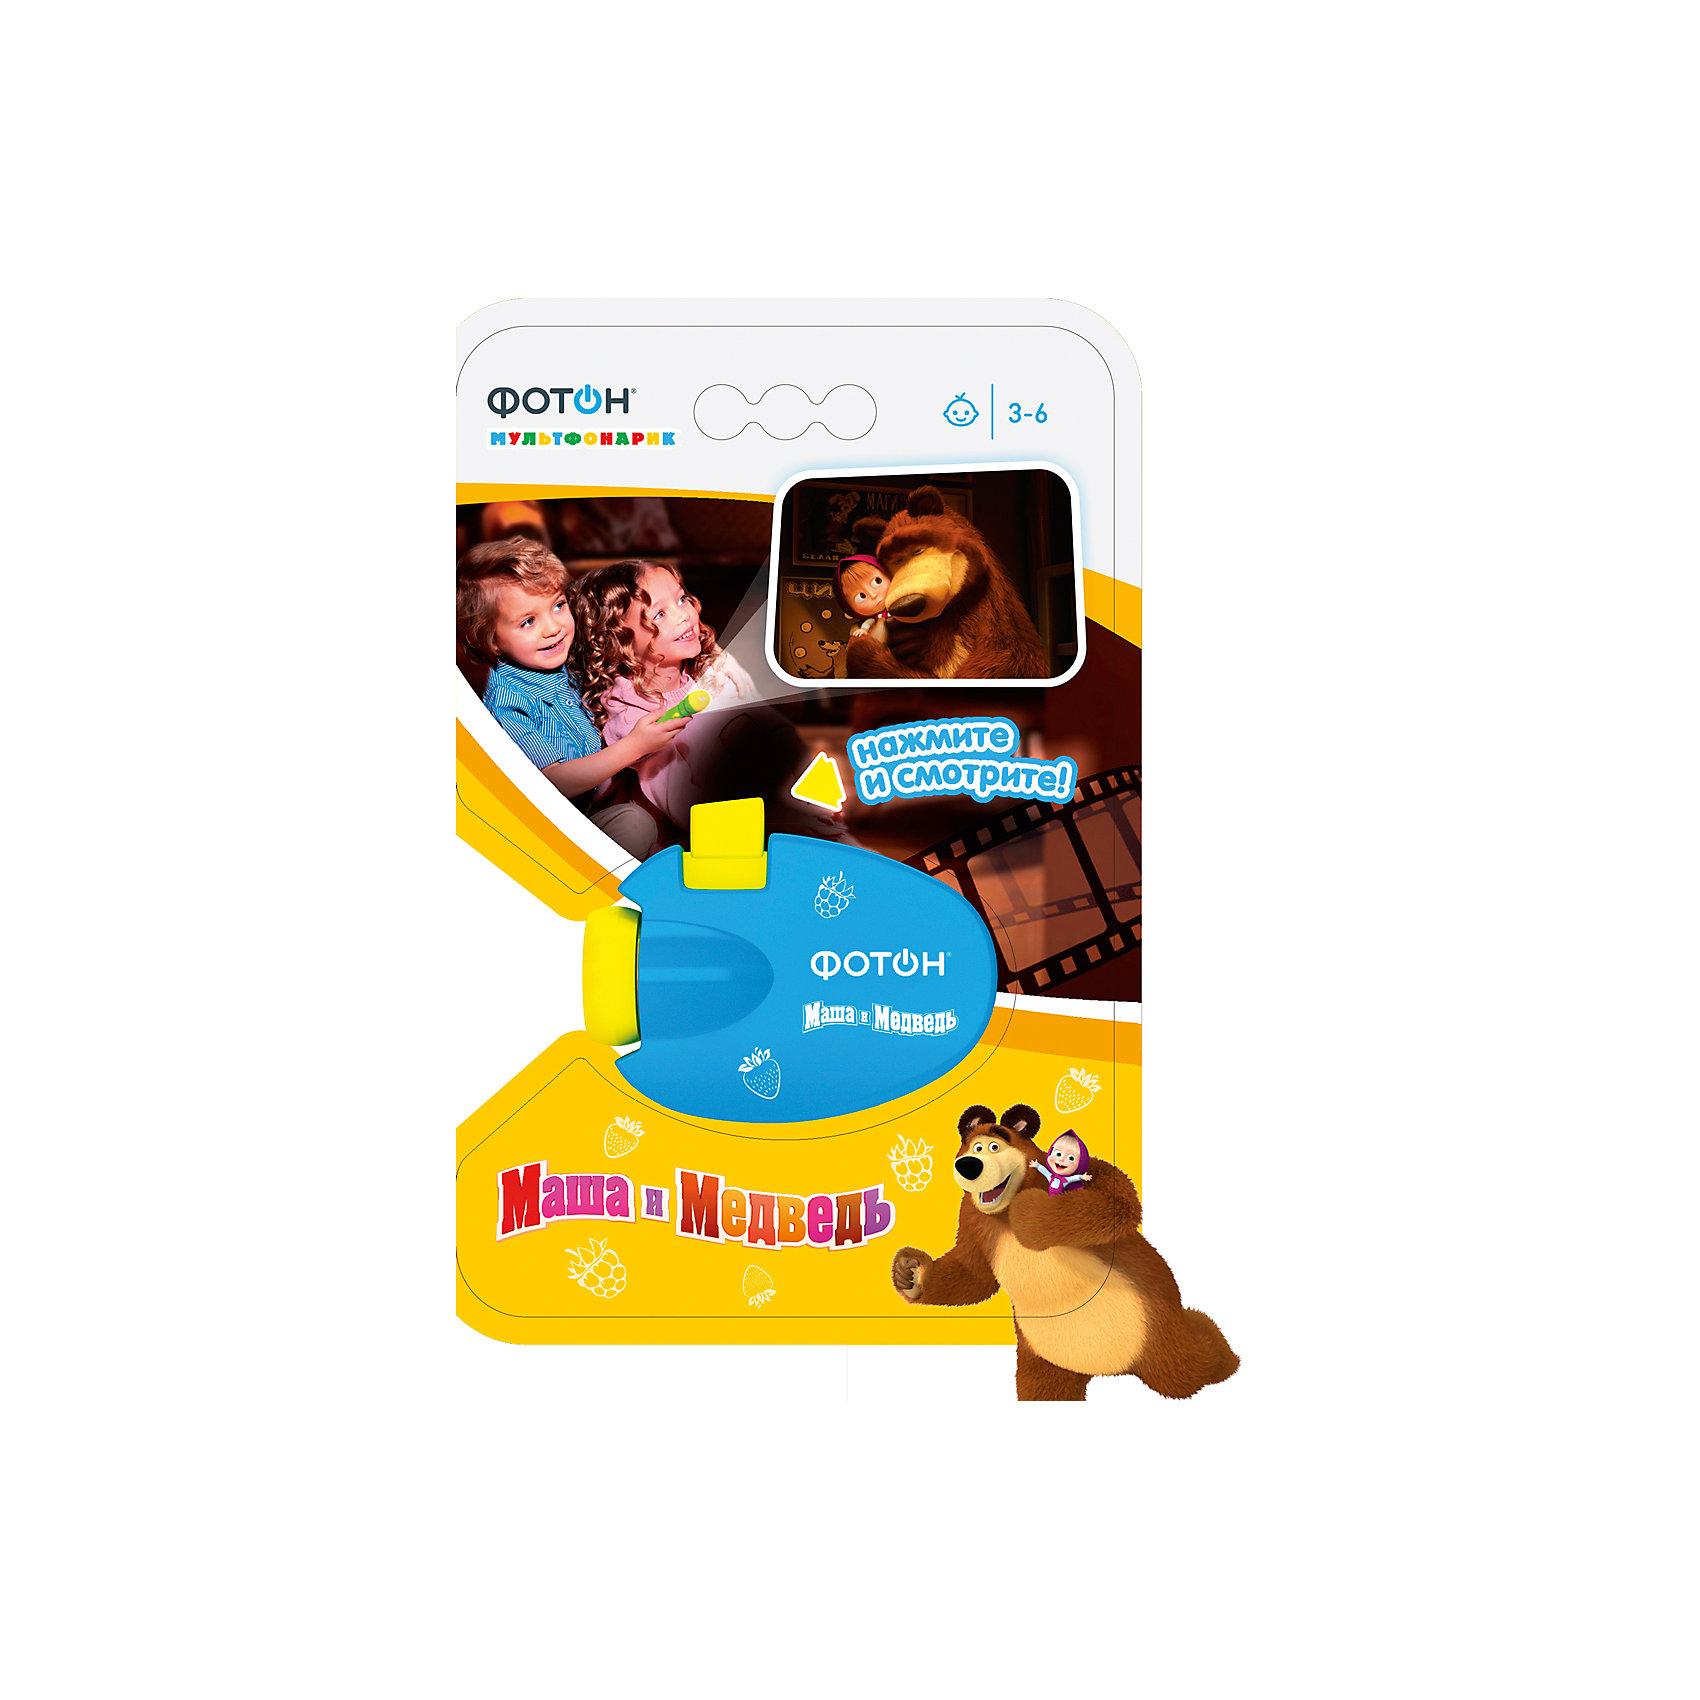 Мультфонарик-проектор Маша и Медведь, синий, ФотонБлагодаря такому фонарику-проектору, Ваш малыш сможет увидеть захватывающие истории Маши и ее друга Медведя.<br><br>Дополнительная информация:<br><br>- Возраст: от 3 лет.<br>- Материал: пластик.<br>- Цвет: синий.<br>- Размер упаковки: 18х12х2.8 см.<br>- Вес в упаковке: 92 г.<br><br>Купить мультфонарик-проектор Маша и Медведь в синем цвете, можно в нашем магазине.<br><br>Ширина мм: 180<br>Глубина мм: 120<br>Высота мм: 28<br>Вес г: 92<br>Возраст от месяцев: 36<br>Возраст до месяцев: 84<br>Пол: Унисекс<br>Возраст: Детский<br>SKU: 5007959